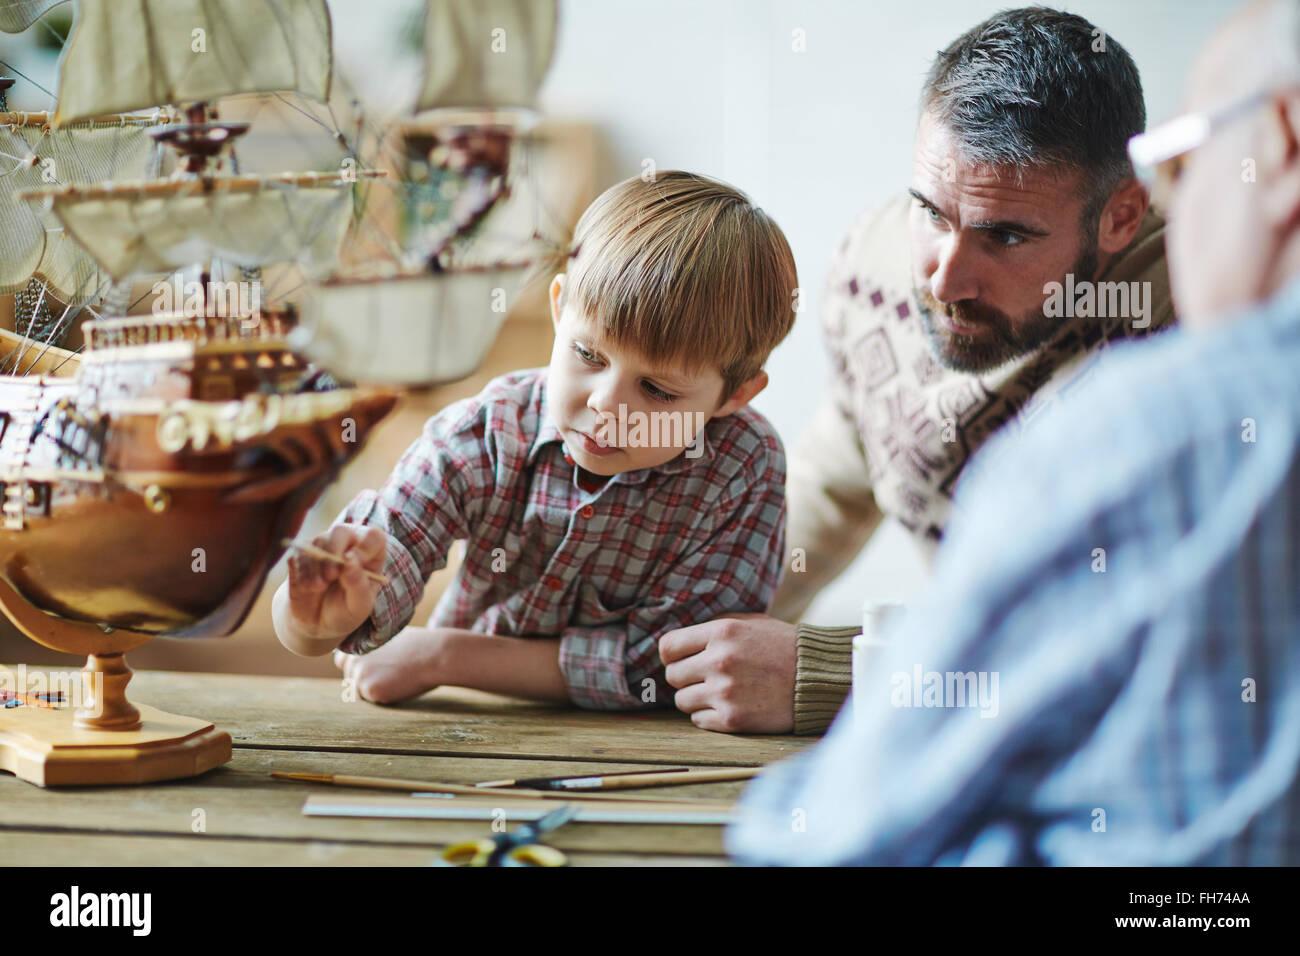 Adorable joven pintura barco de juguete con su padre y su abuelo cerca Imagen De Stock